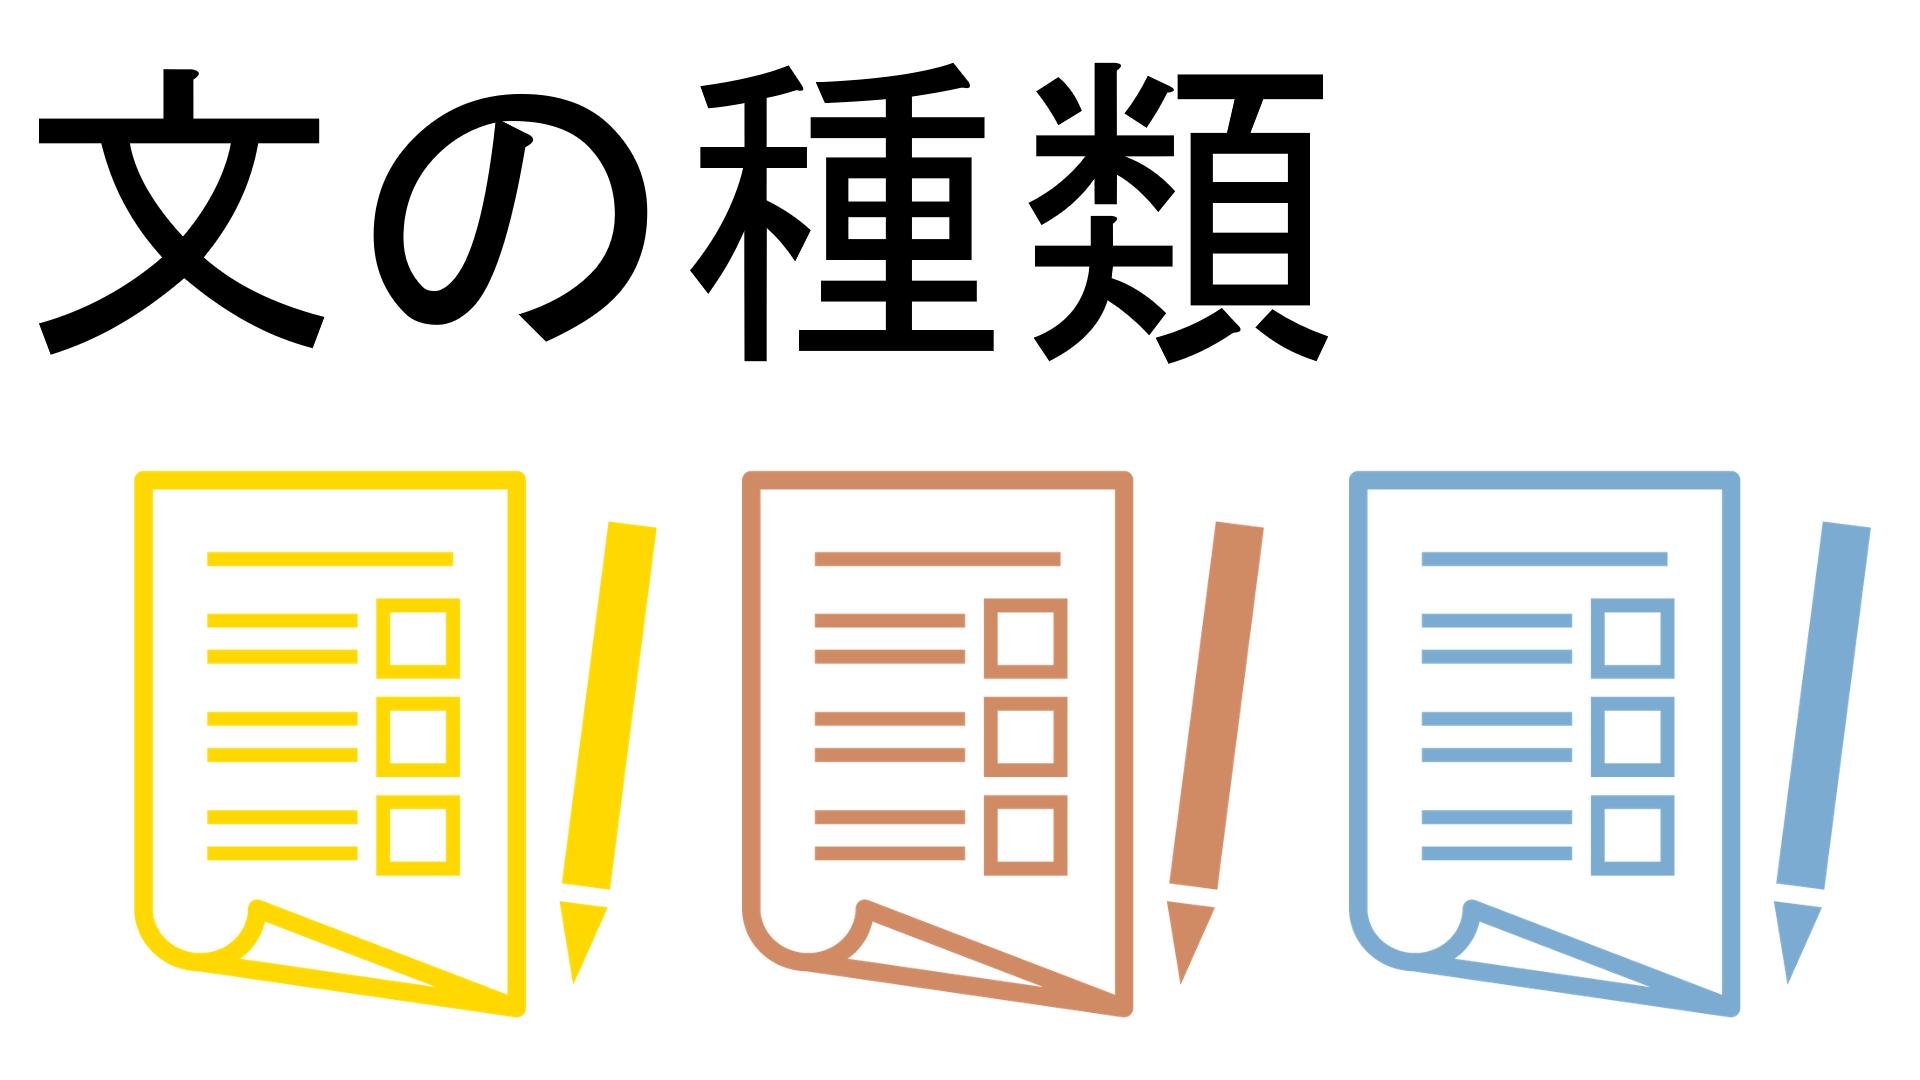 文の種類┃単文と複文の見分け方 | 日本語教師のN1et